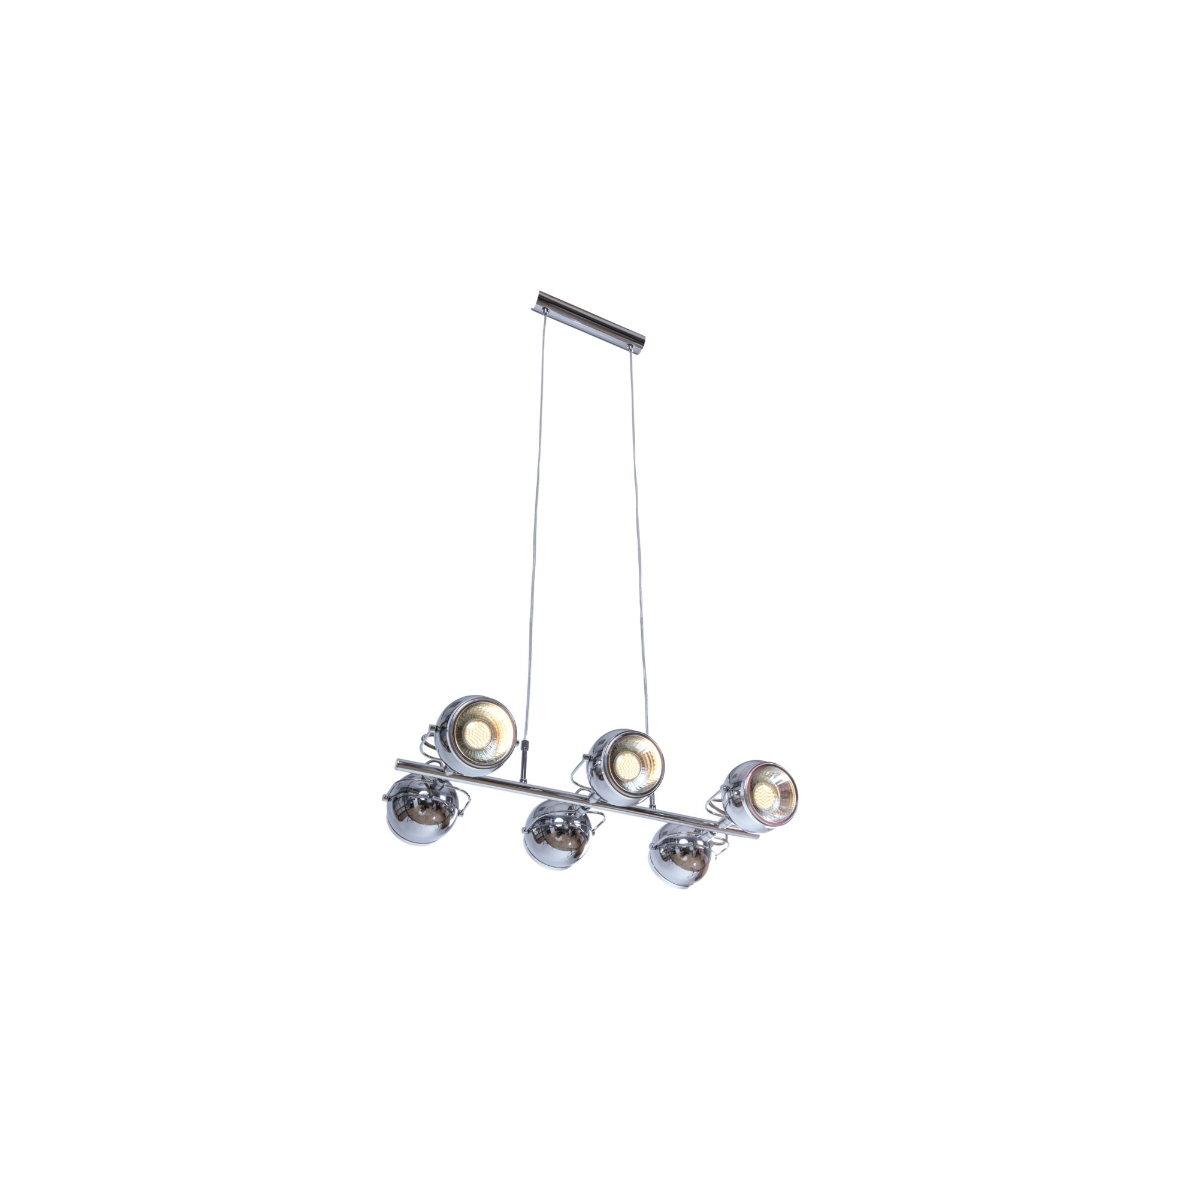 deckenstrahler retro schwarz metall 4x gu10 heitronic 27831 ebay. Black Bedroom Furniture Sets. Home Design Ideas